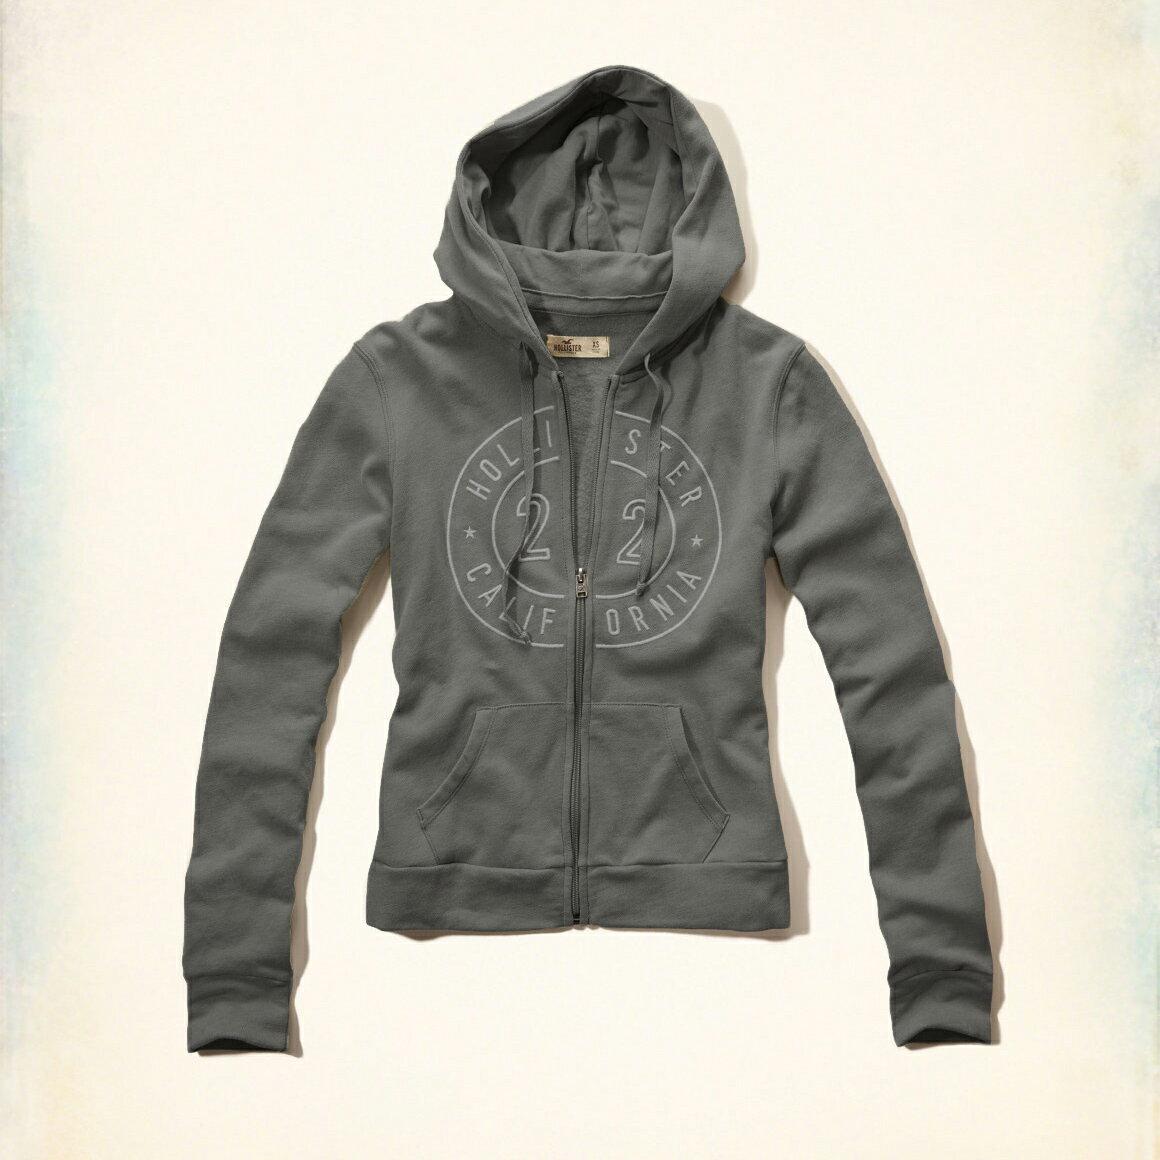 美國百分百【全新真品】Hollister Co. 外套 HCO 連帽 長袖 夾克 海鷗 刷毛 灰色 女 特價 XS號 F822